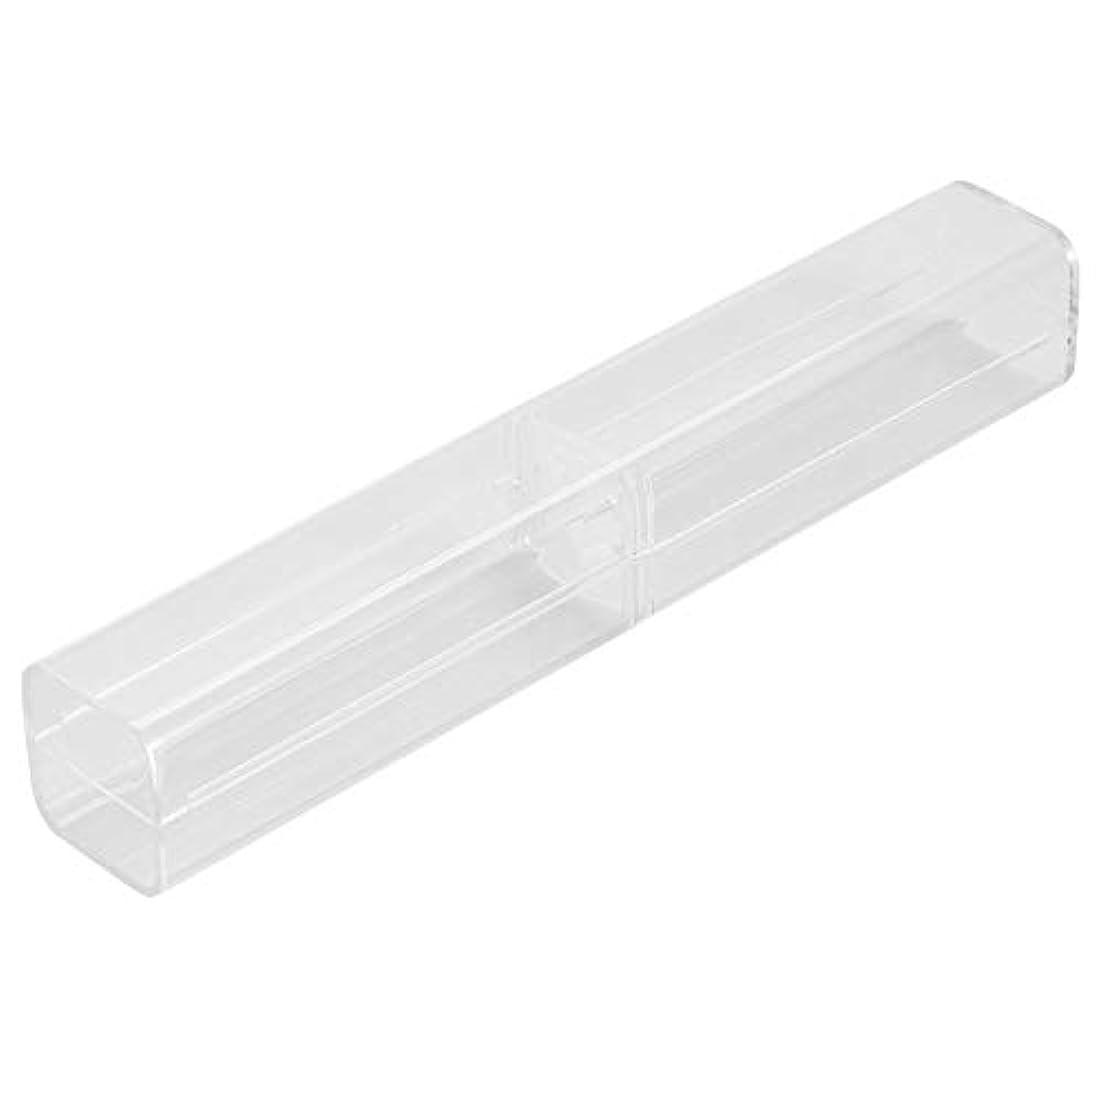 デマンドネイティブ暴力1ピース収納ボックス - 手動ペン眉毛タトゥークリアケース透明収納ボックス、収納ボックス - タトゥーコンテナ